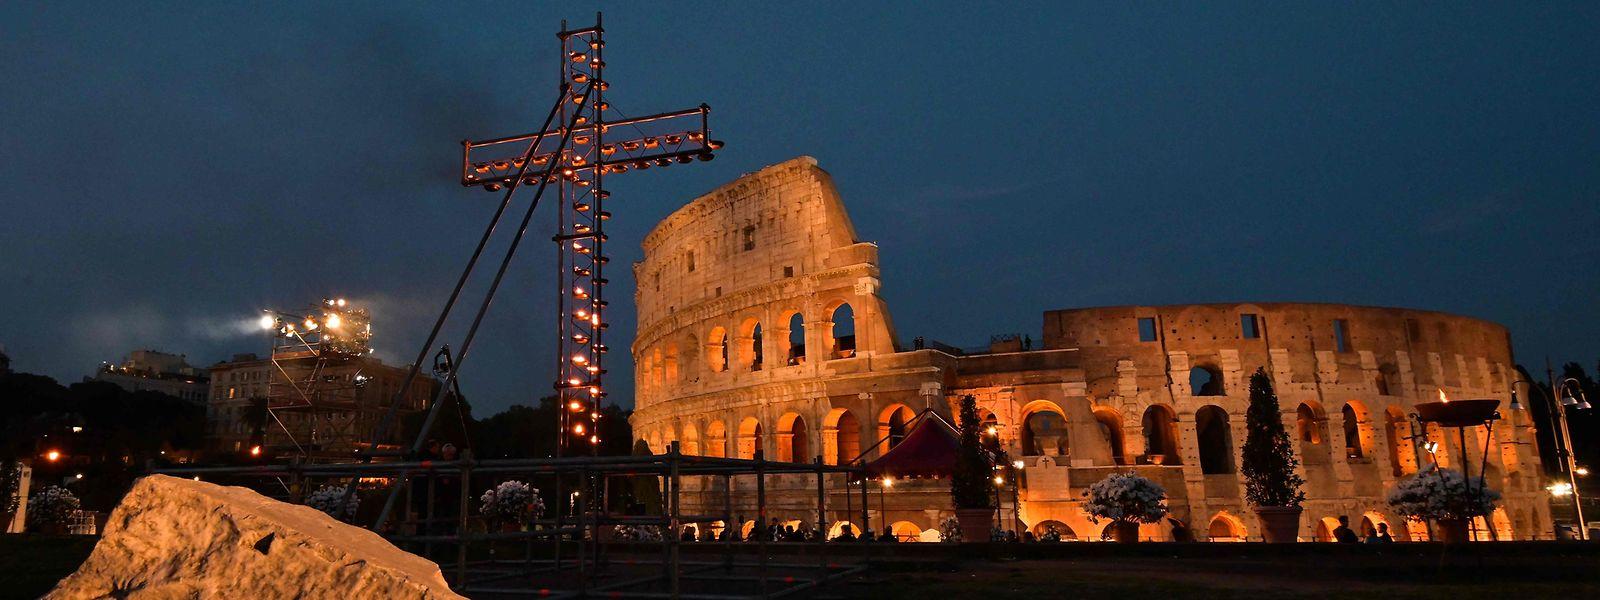 Die Kreuzwegprozession findet im Kolosseum statt.